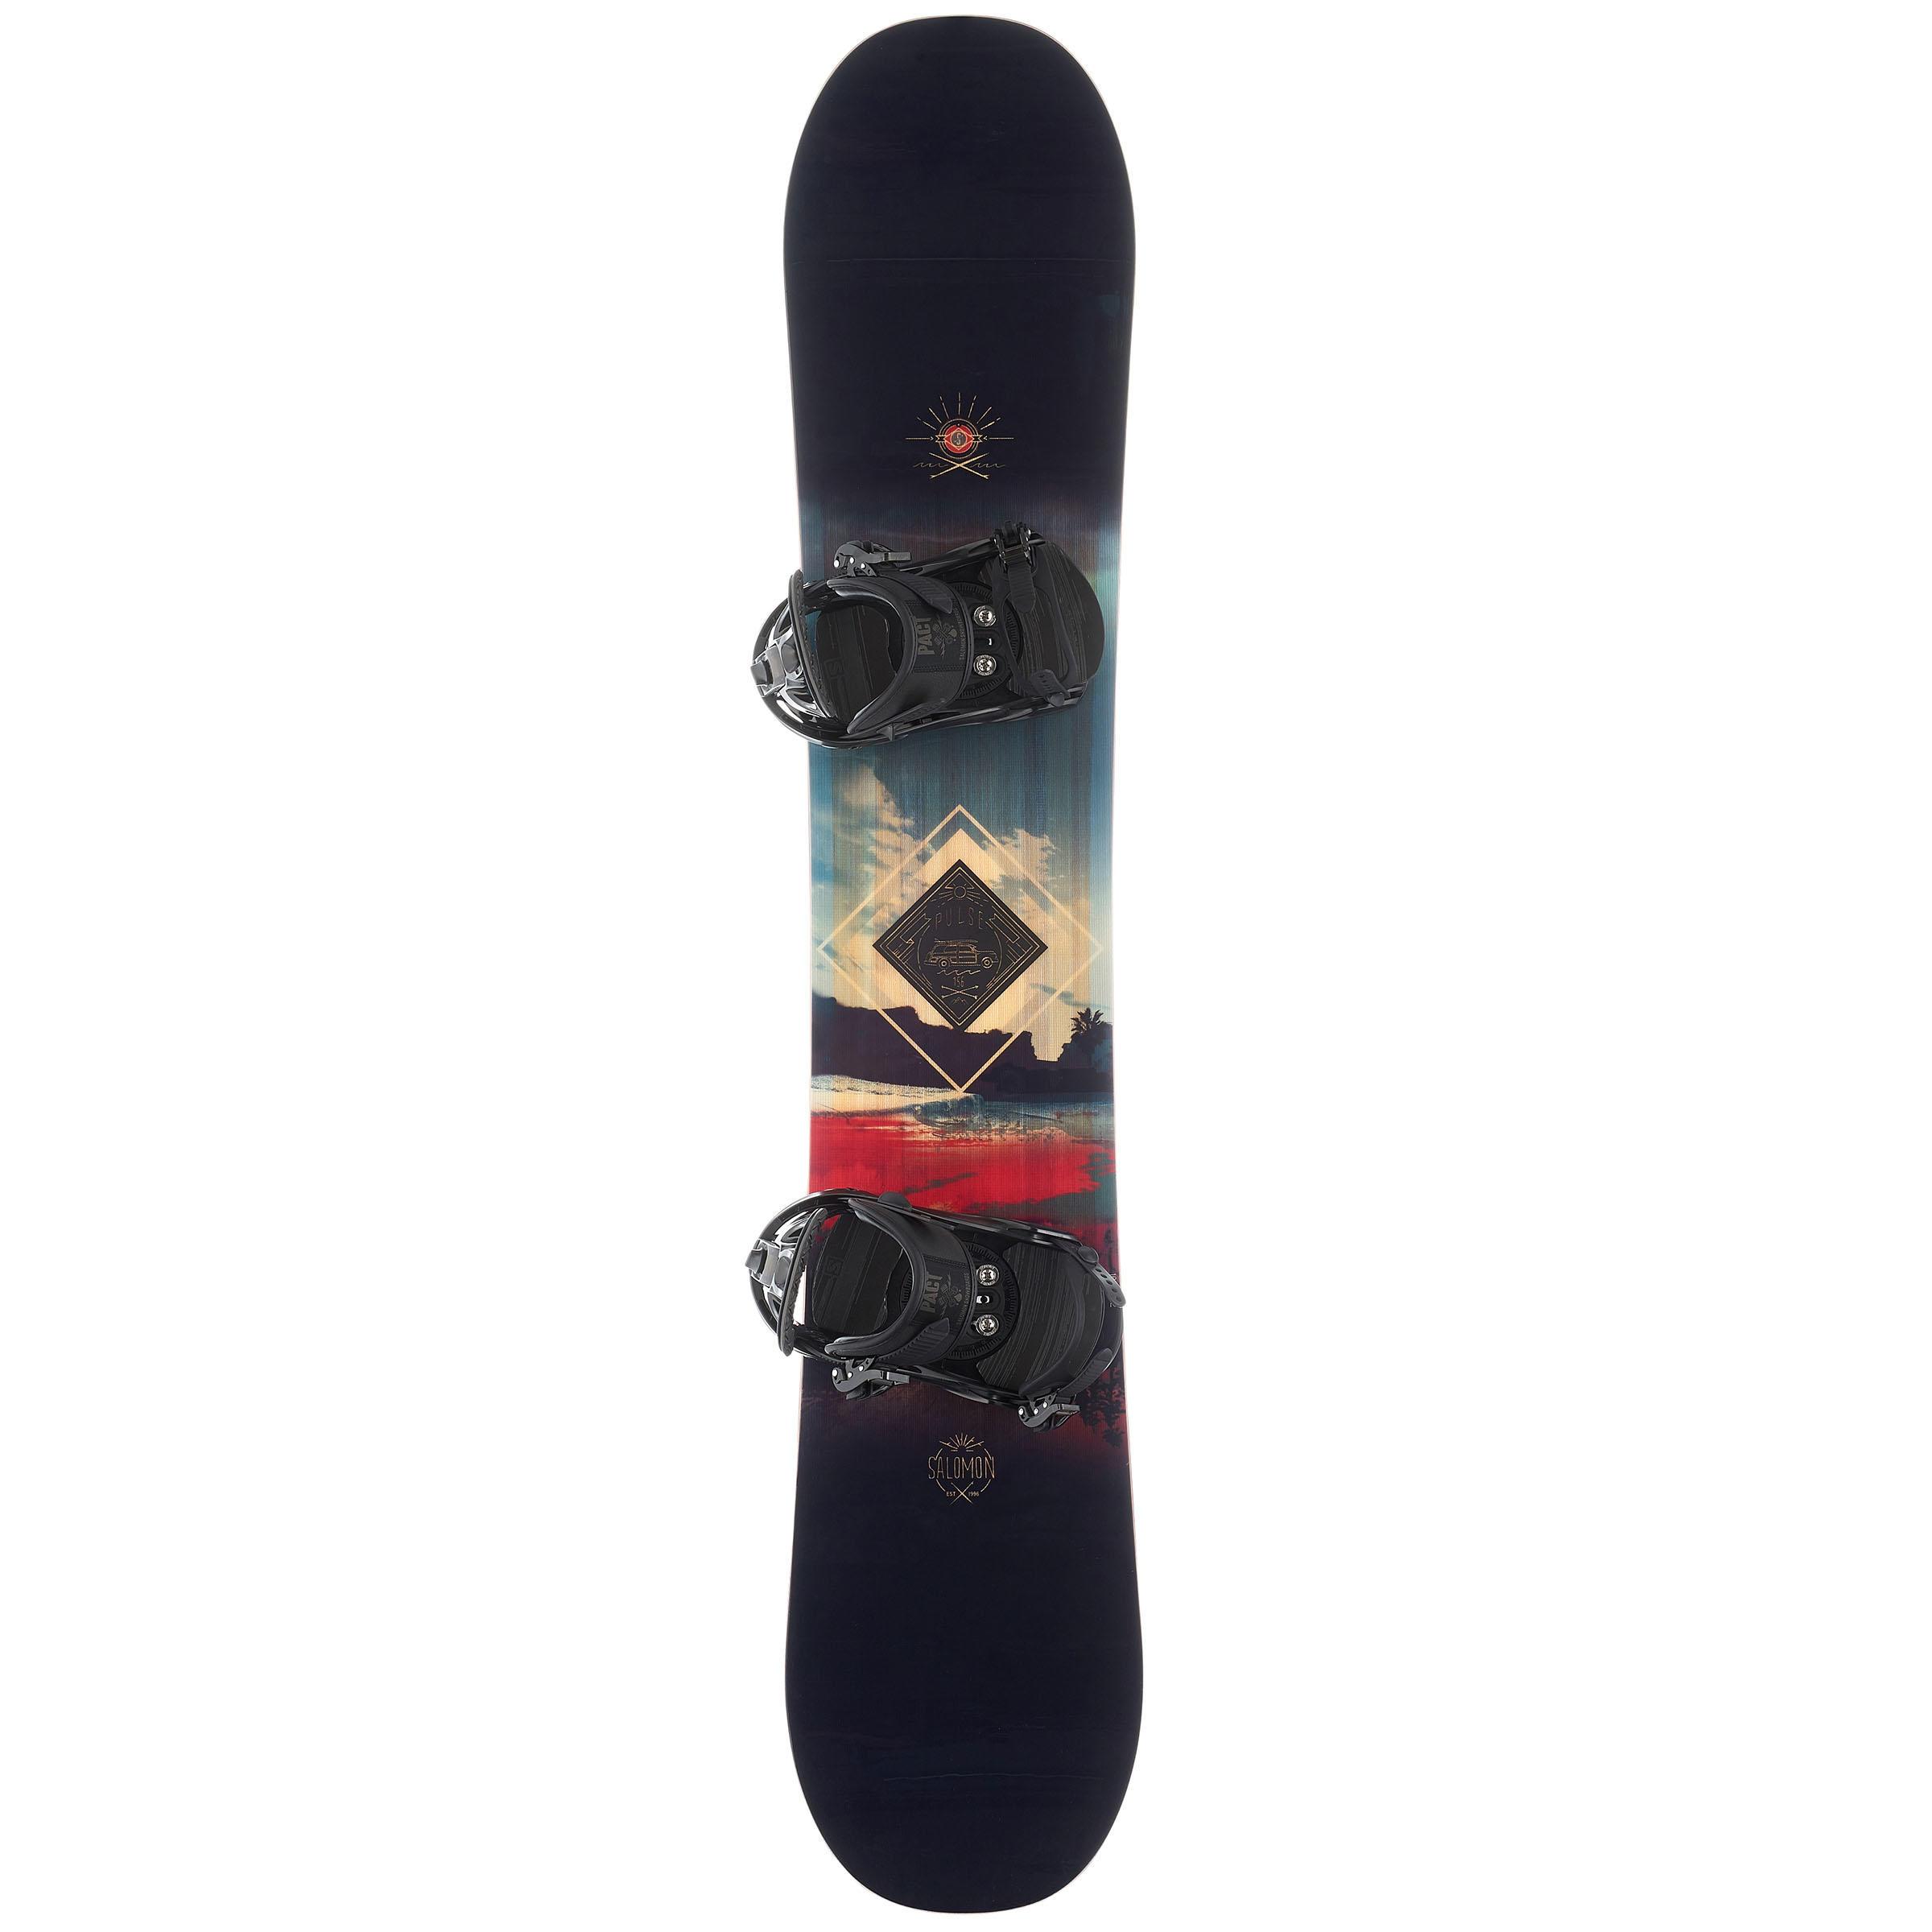 Salomon Snowboardset Freestyle/All Mountain heren Pulse zwart/rood/blauw thumbnail